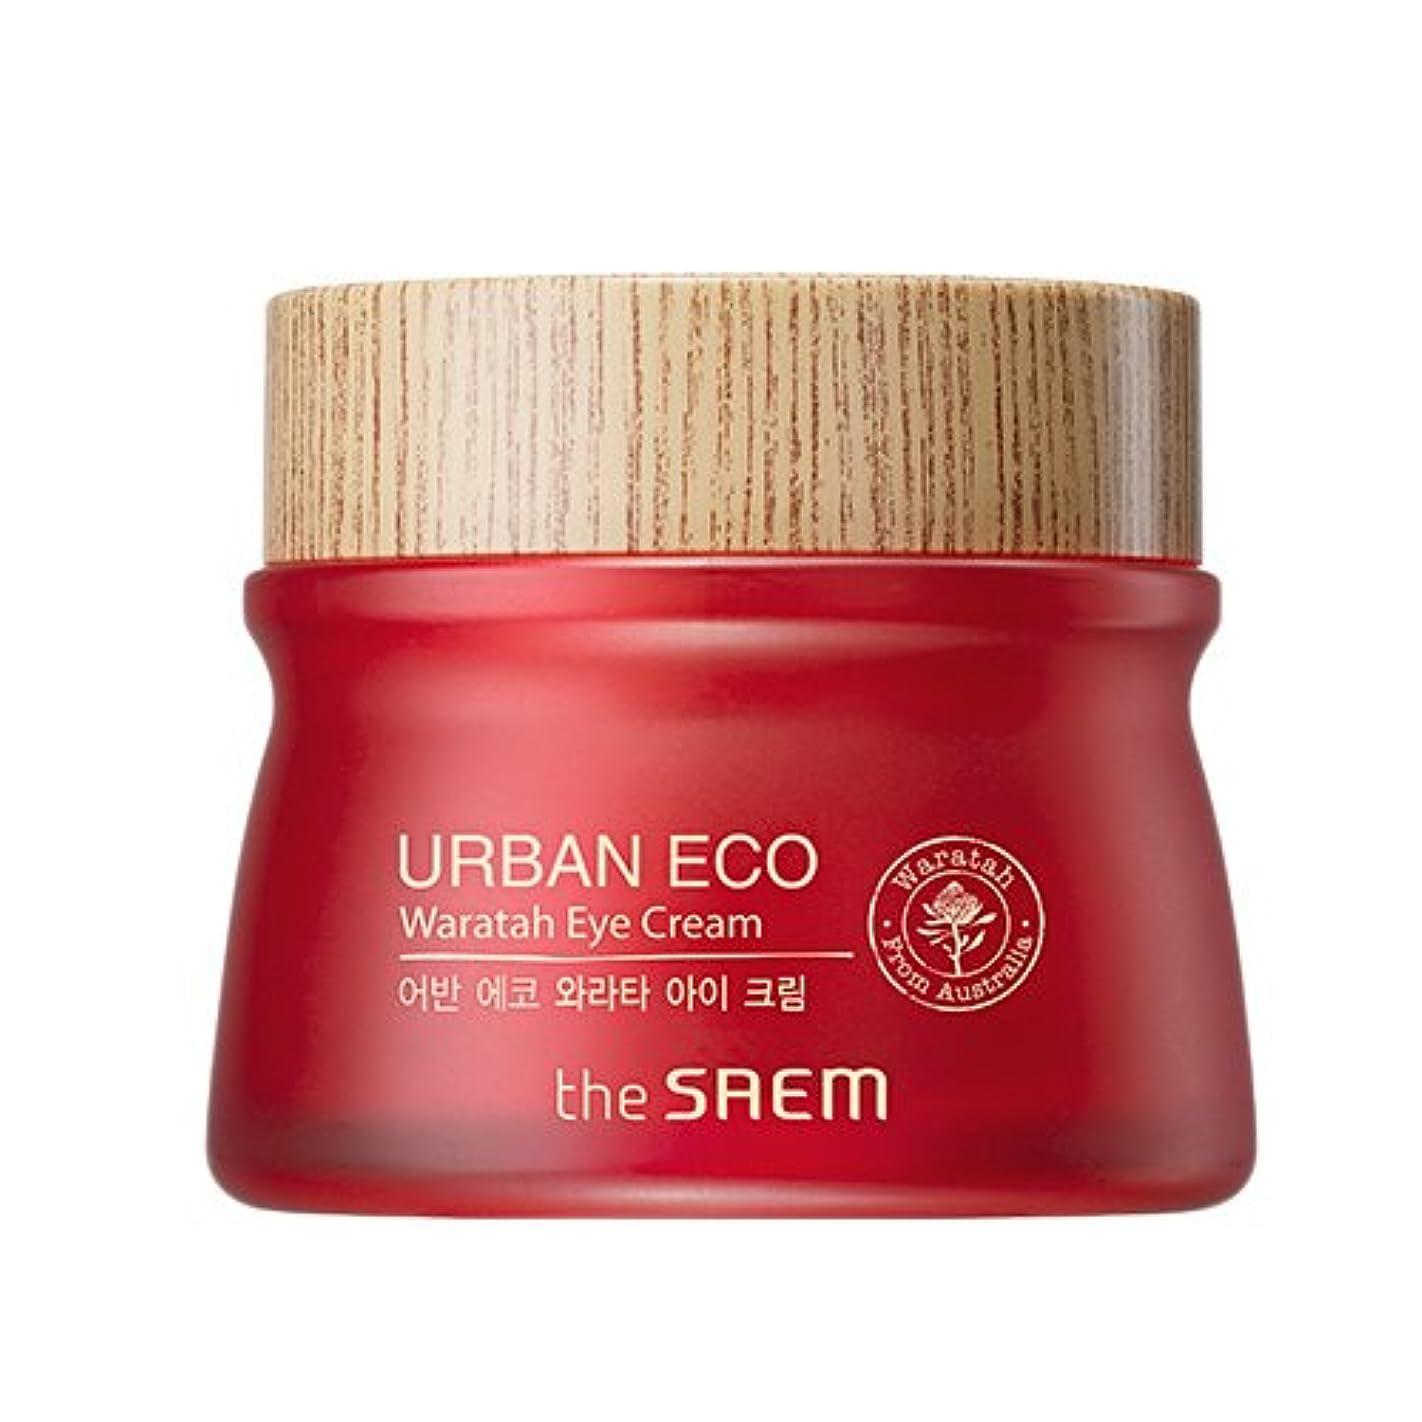 協同上記の頭と肩染色ドセム アーバンエコワラターアイクリーム 30ml Urban Eco Waratah Eye Cream [並行輸入品]